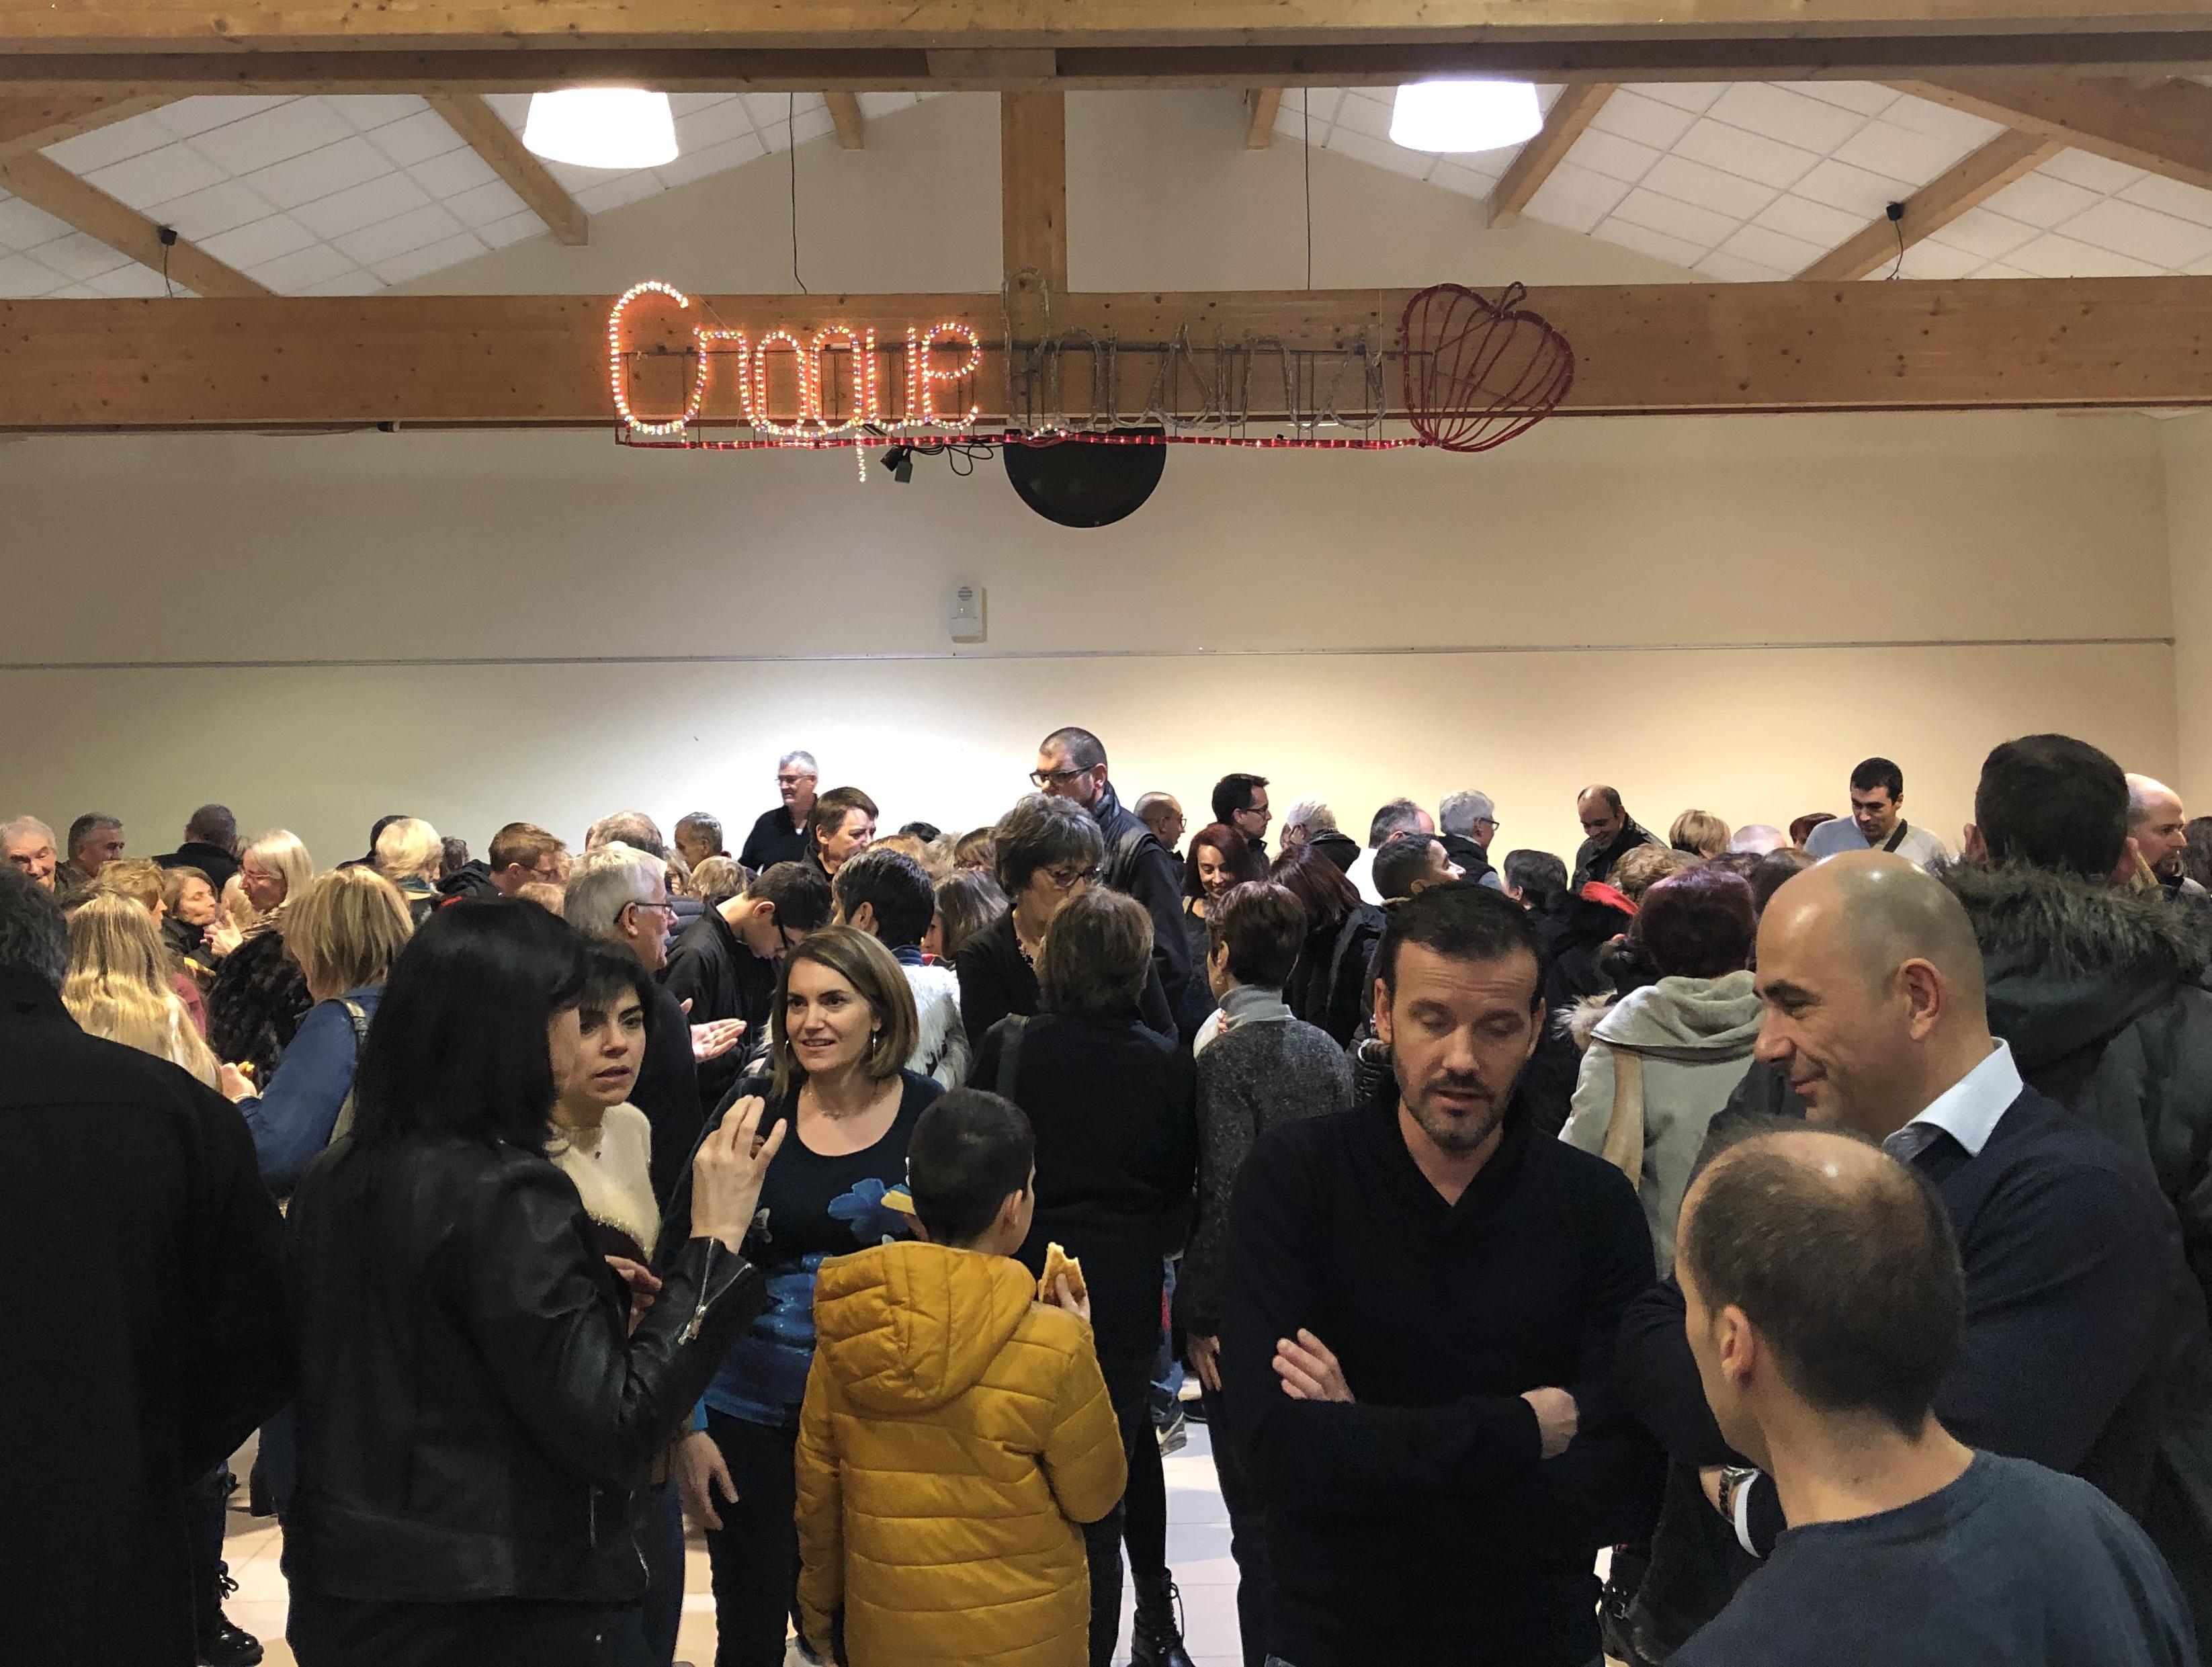 Cérémonie des vœux de « Croque loisirs » à Saint-Victor-sur-Loire